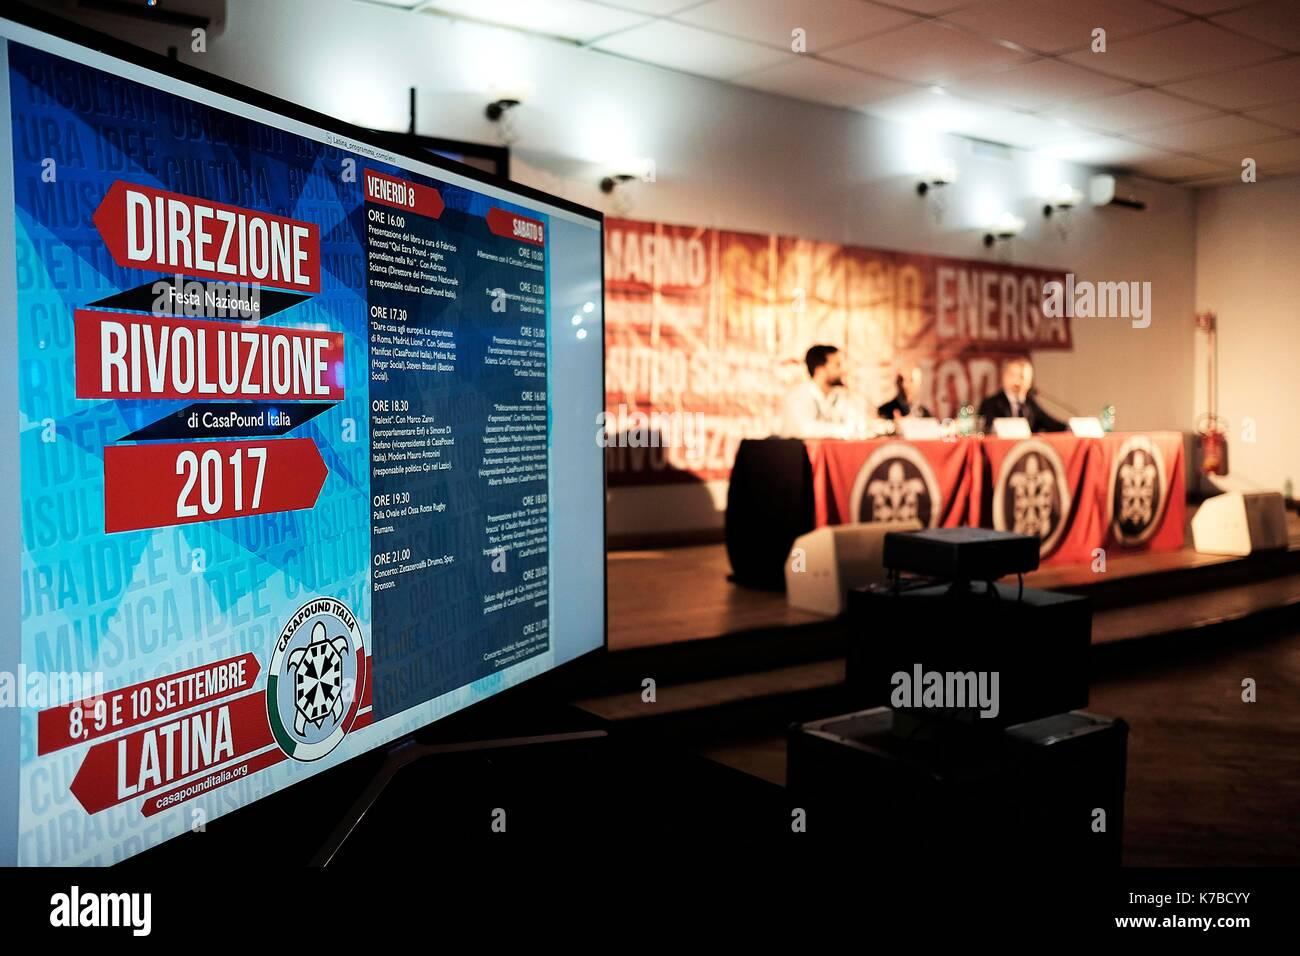 Italie, Latina, 09 septembre 2017: réunion annuelle de casapound, mouvement de l'extrême droite italienne. partisans réunis dans un camping à l'outsk Photo Stock